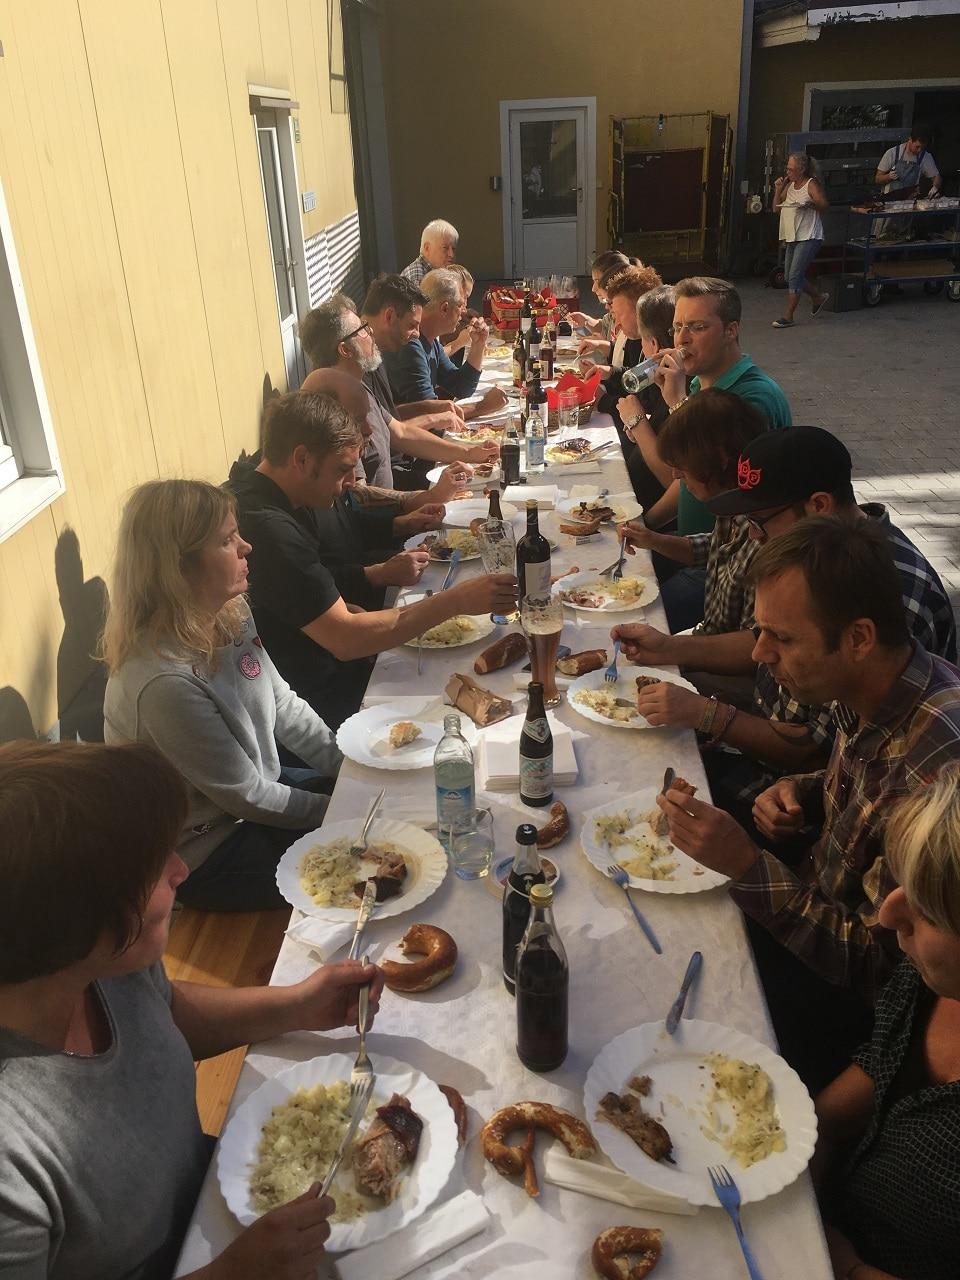 Sparnferkel Essen bei der Firma Rapp-Druck am Kirtamontag 2017